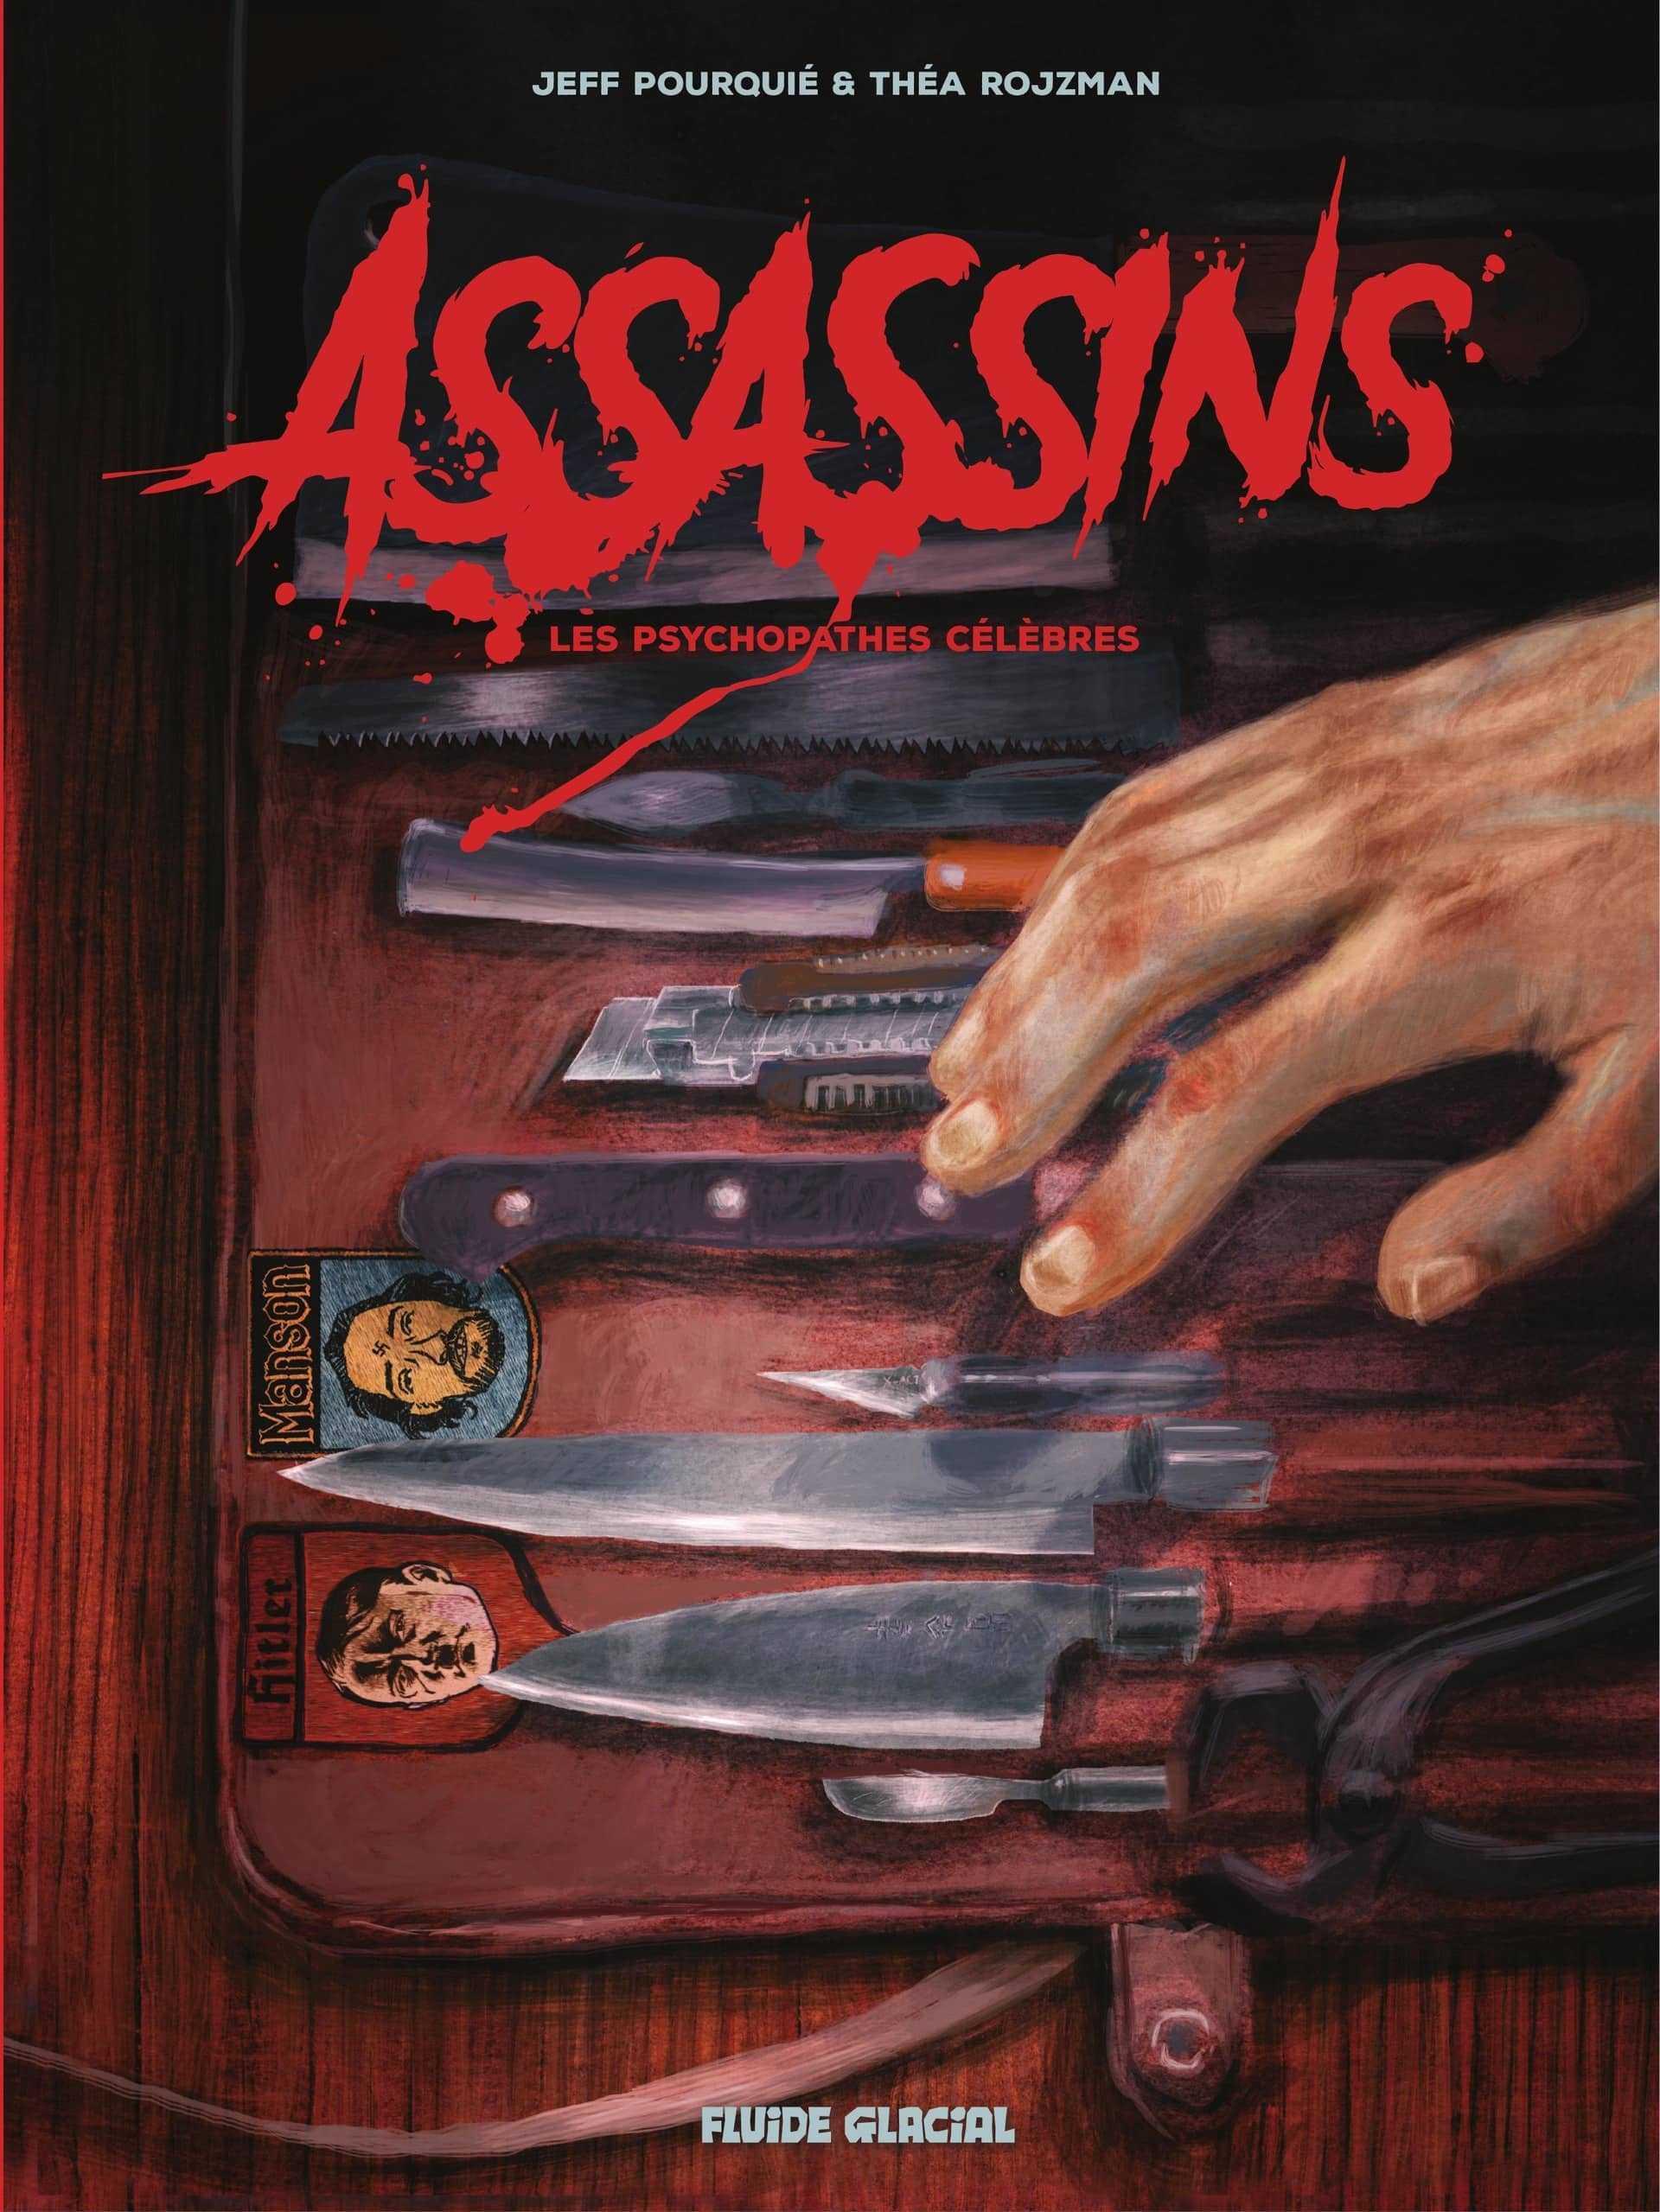 Assassins, les psychopathes célèbres, que du beau monde